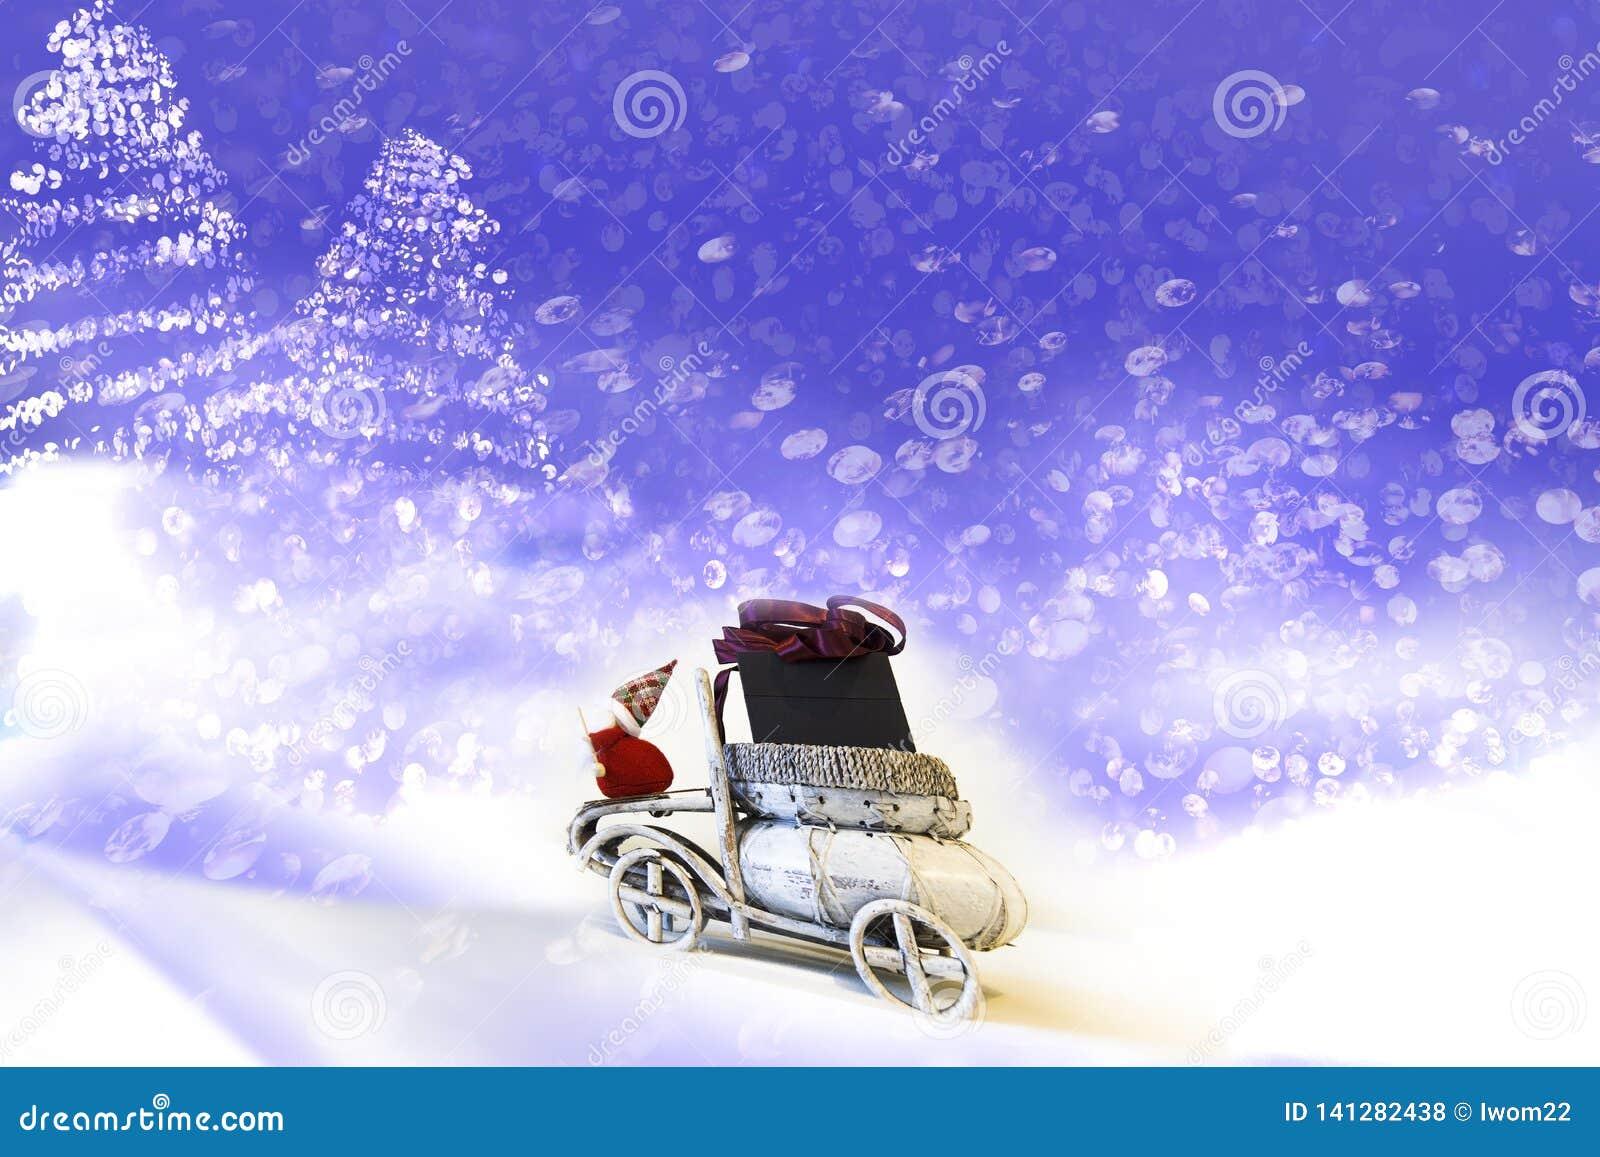 Sankt Klaus, Himmel, Frost, Beutel Weihnachtsmann im Auto